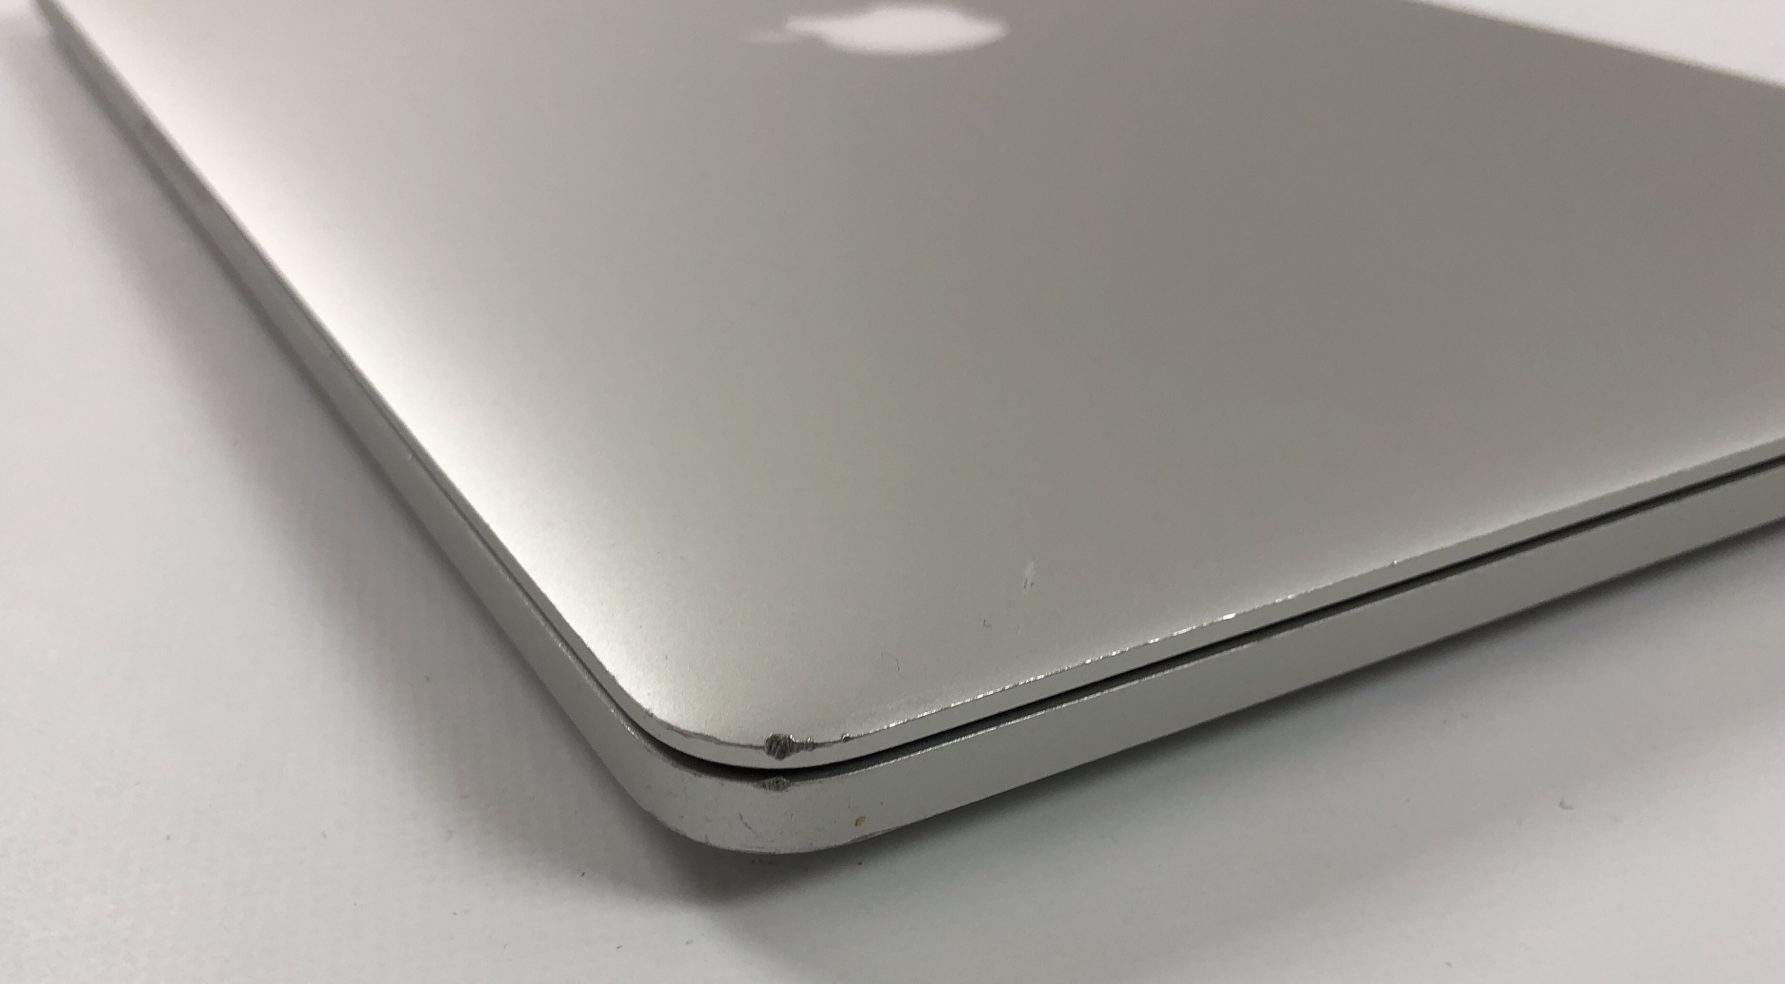 """MacBook Pro Retina 15"""" Mid 2014 (Intel Quad-Core i7 2.2 GHz 16 GB RAM 512 GB SSD), Intel Quad-Core i7 2.2 GHz, 16 GB RAM, 512 GB SSD, Kuva 6"""